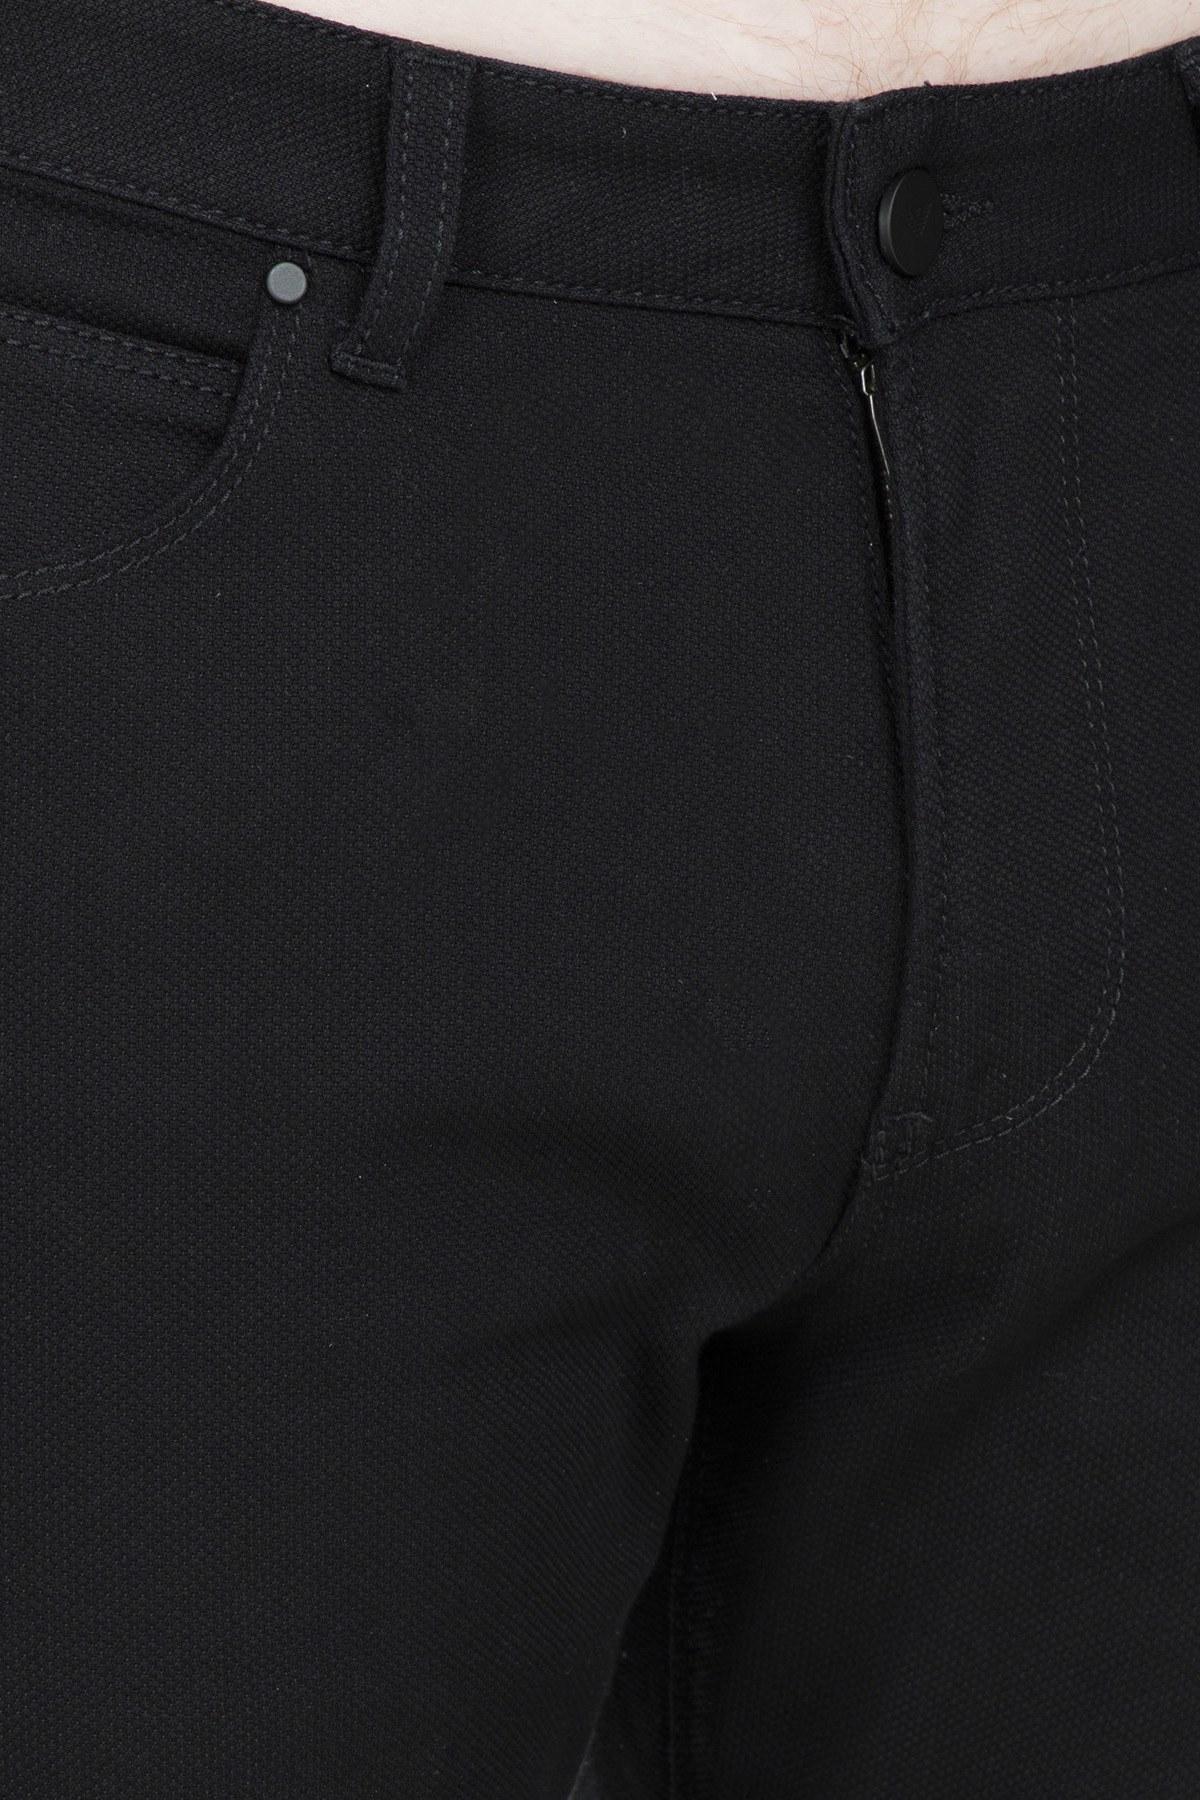 Emporio Armani J36 Jeans Erkek Pamuklu Pantolon 3G1J36 1N79Z 0004 SİYAH